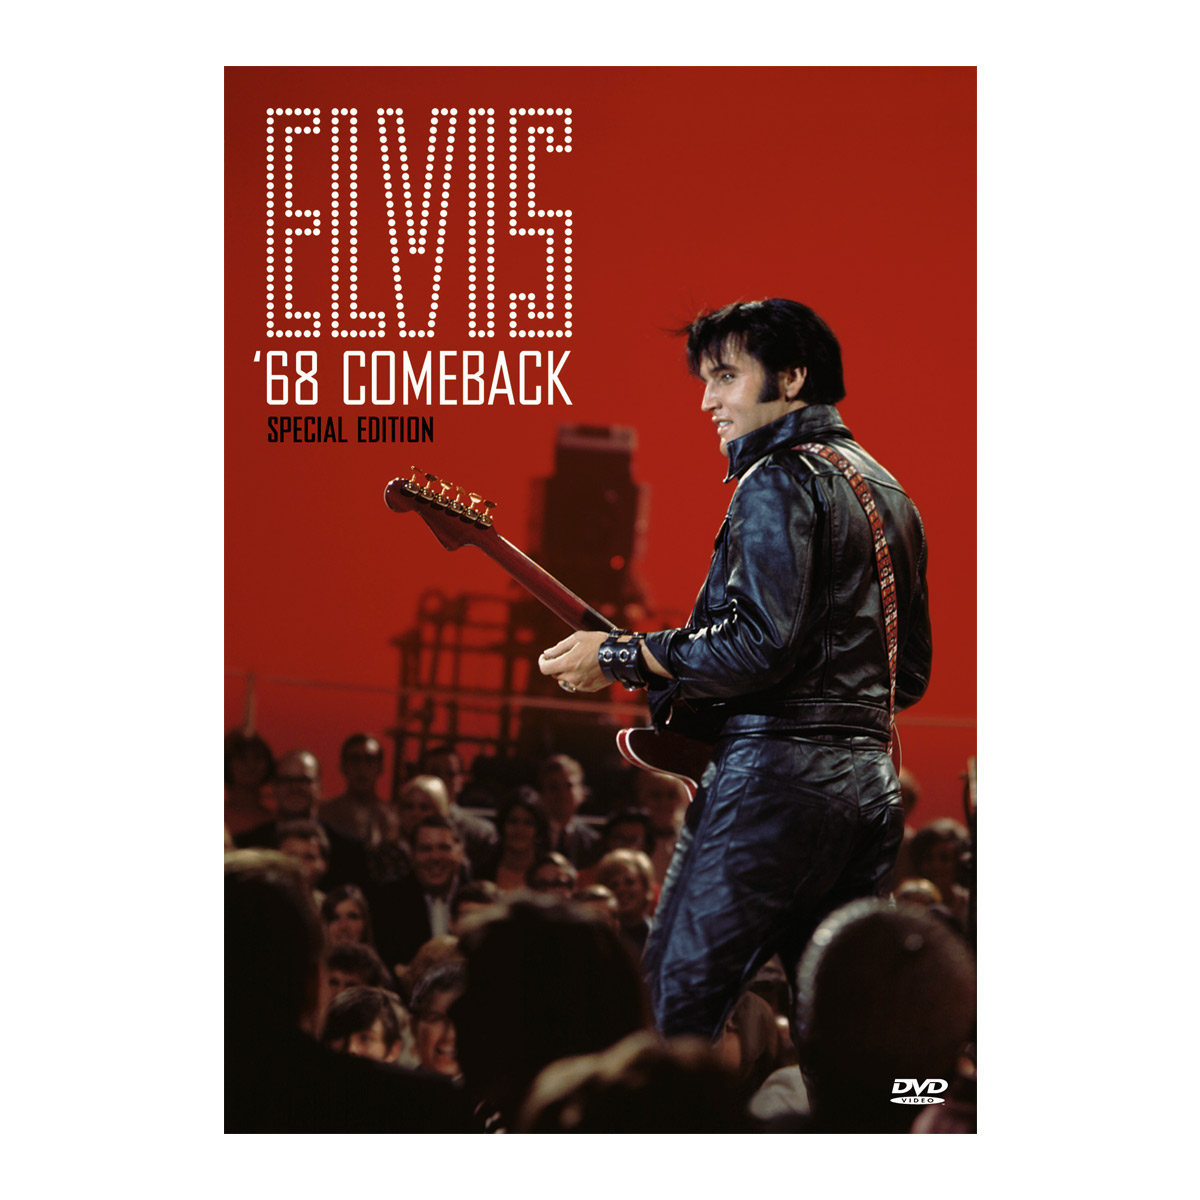 DVD Elvis - 68 Comeback Special Edition